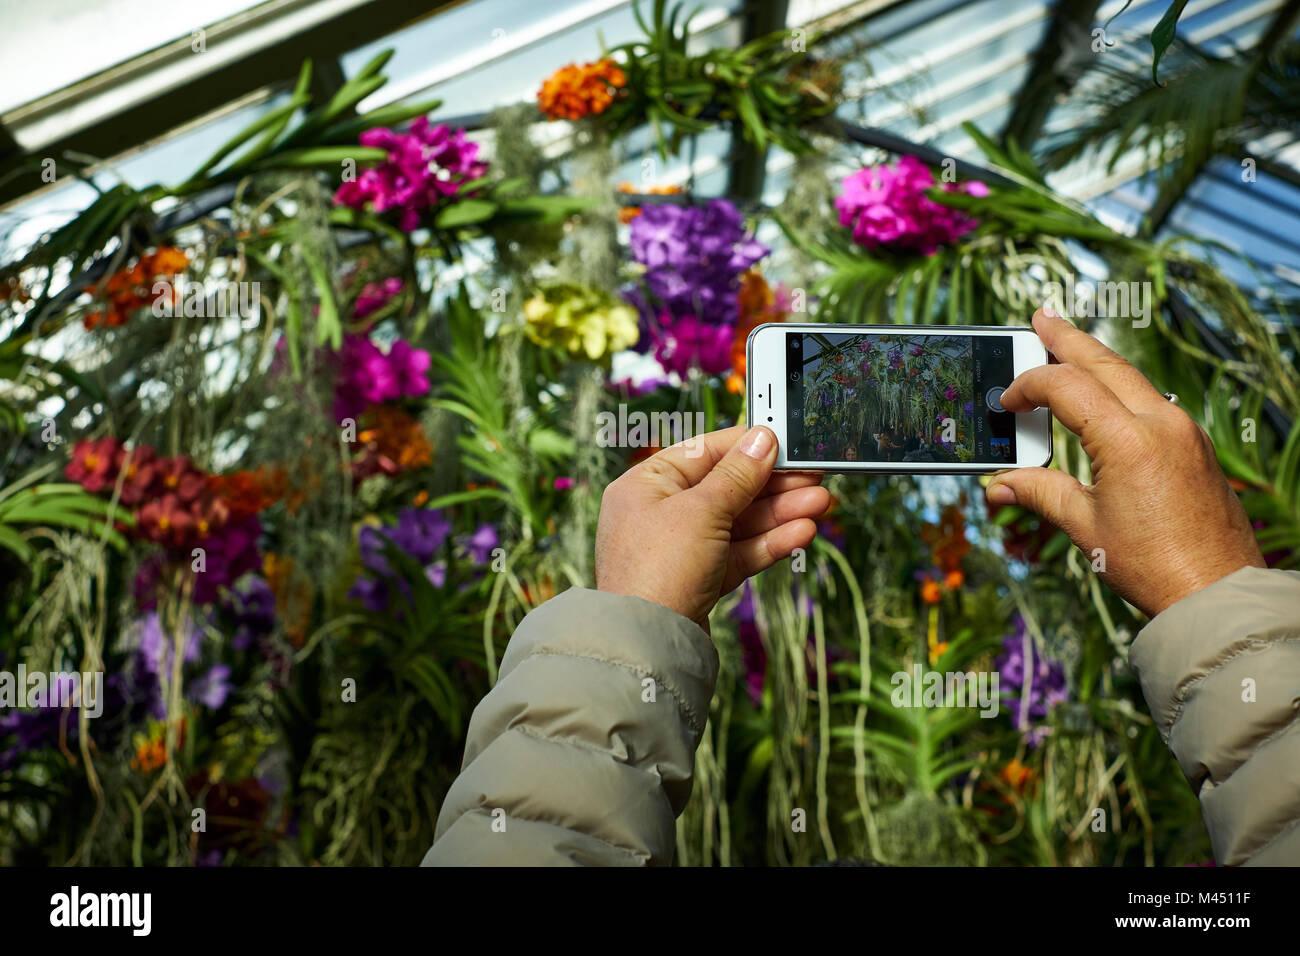 London/Großbritannien - 11. Februar 2018: Eine Person mit einem Smartphone Foto einen Bogen von bunten Orchideen Stockfoto